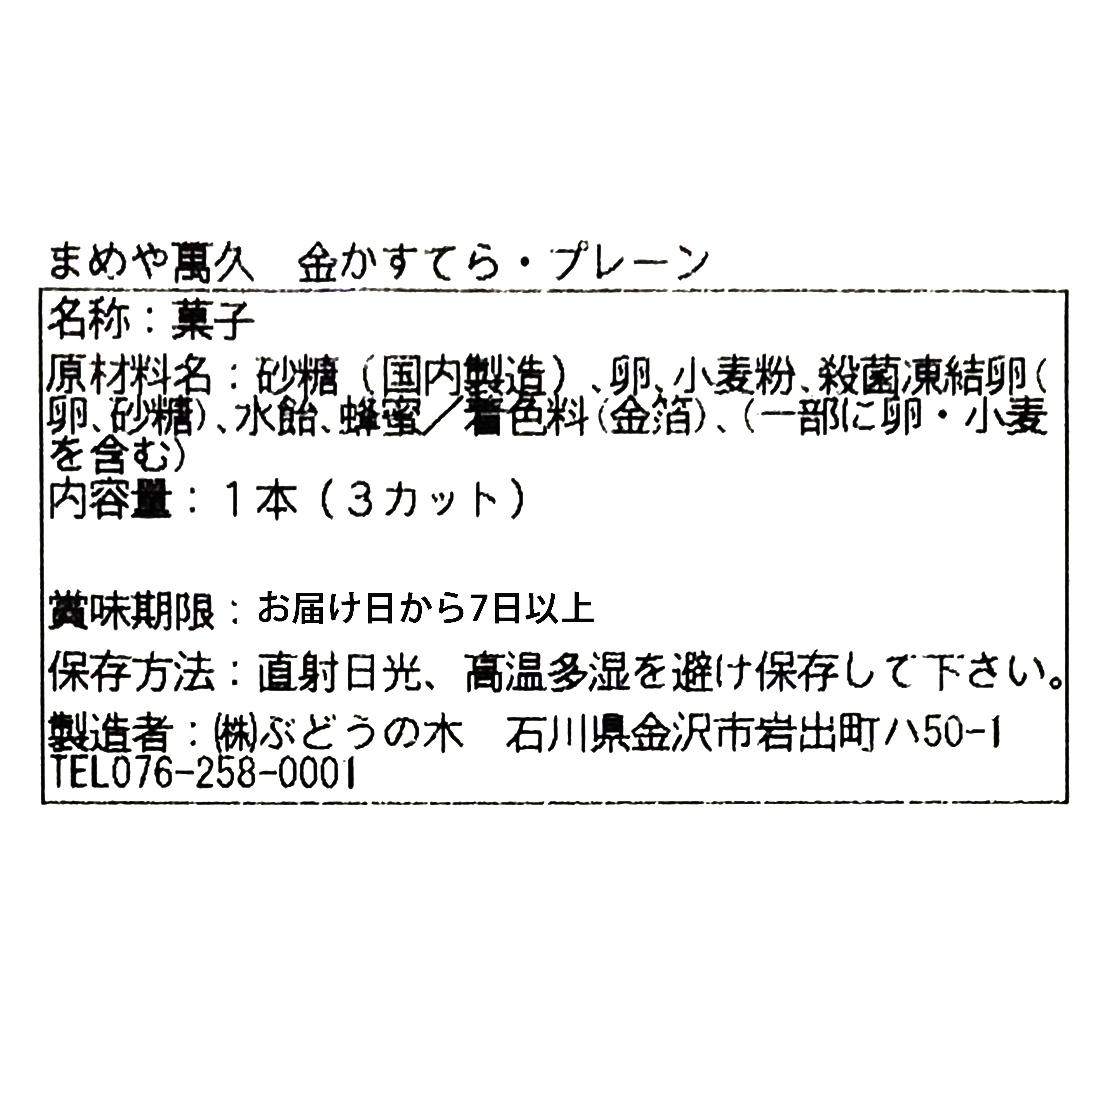 金かすてら/2種類[まめや金澤萬久] 18